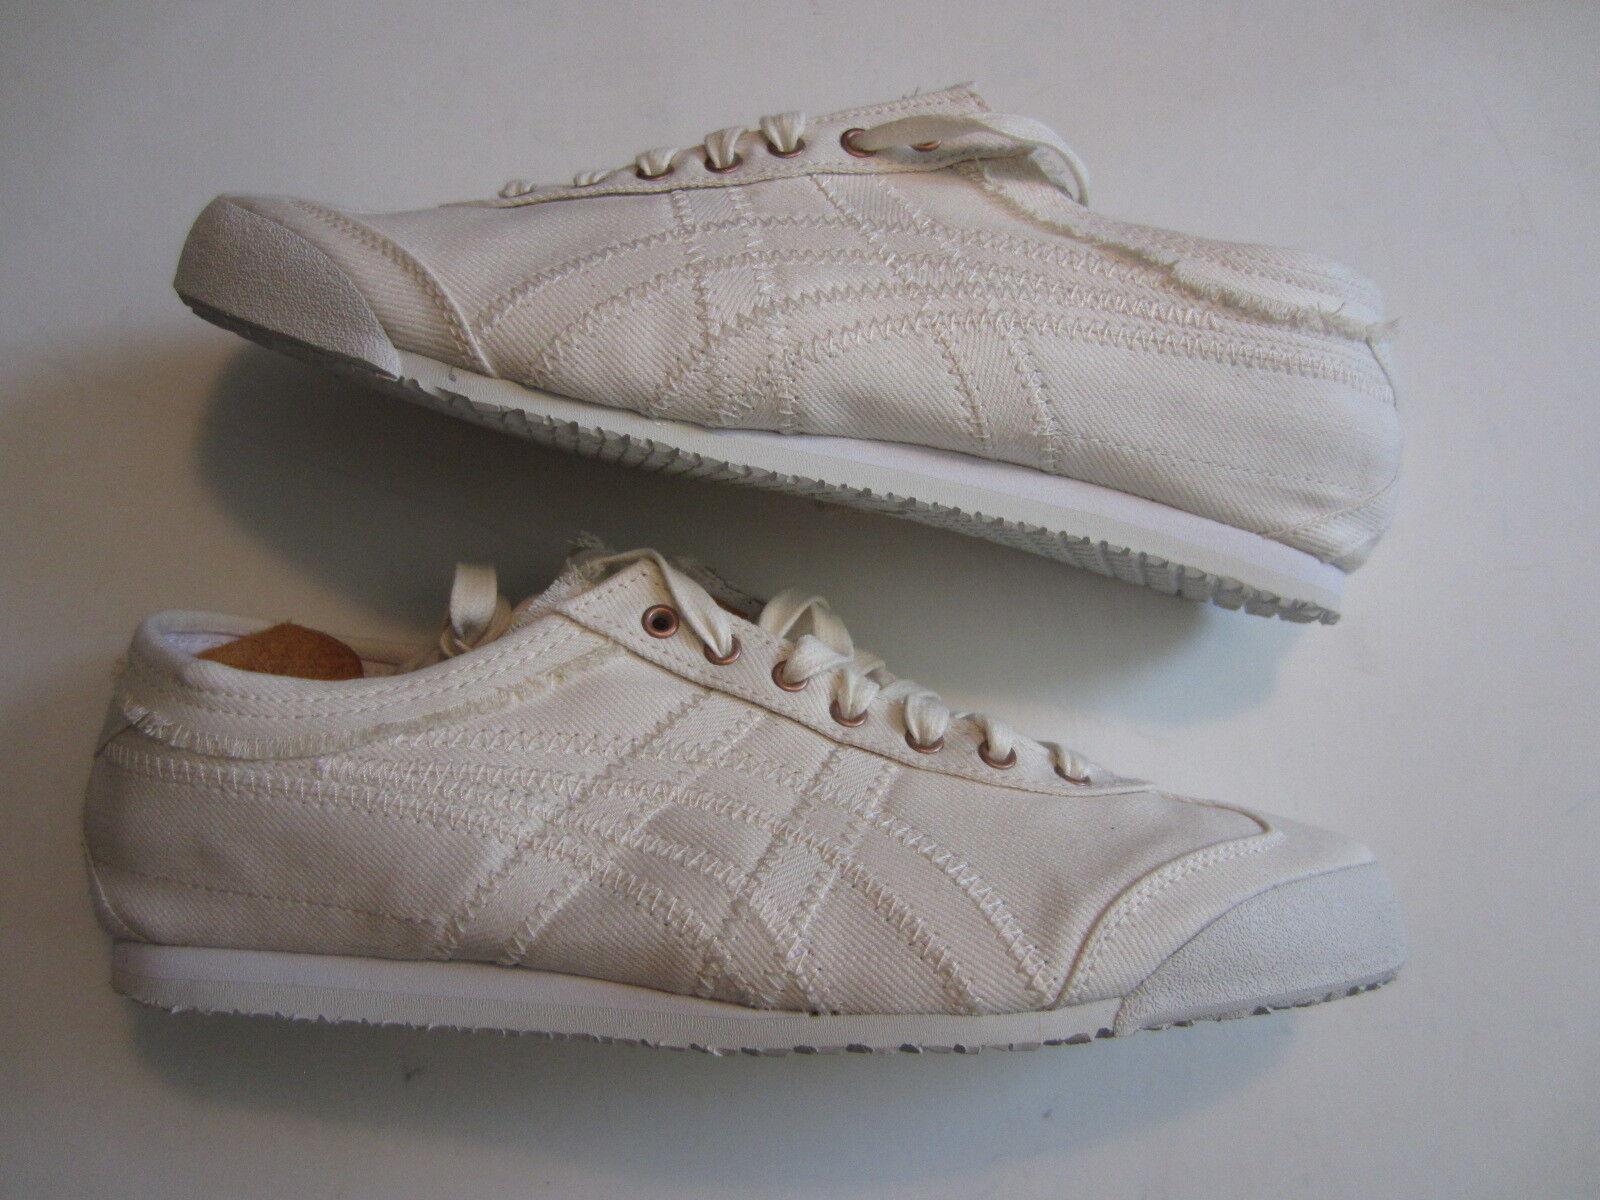 NEW Ascis Onitsuka Tiger Mexico 66 okayama denim D6F2N 9999 mens shoe white NIB